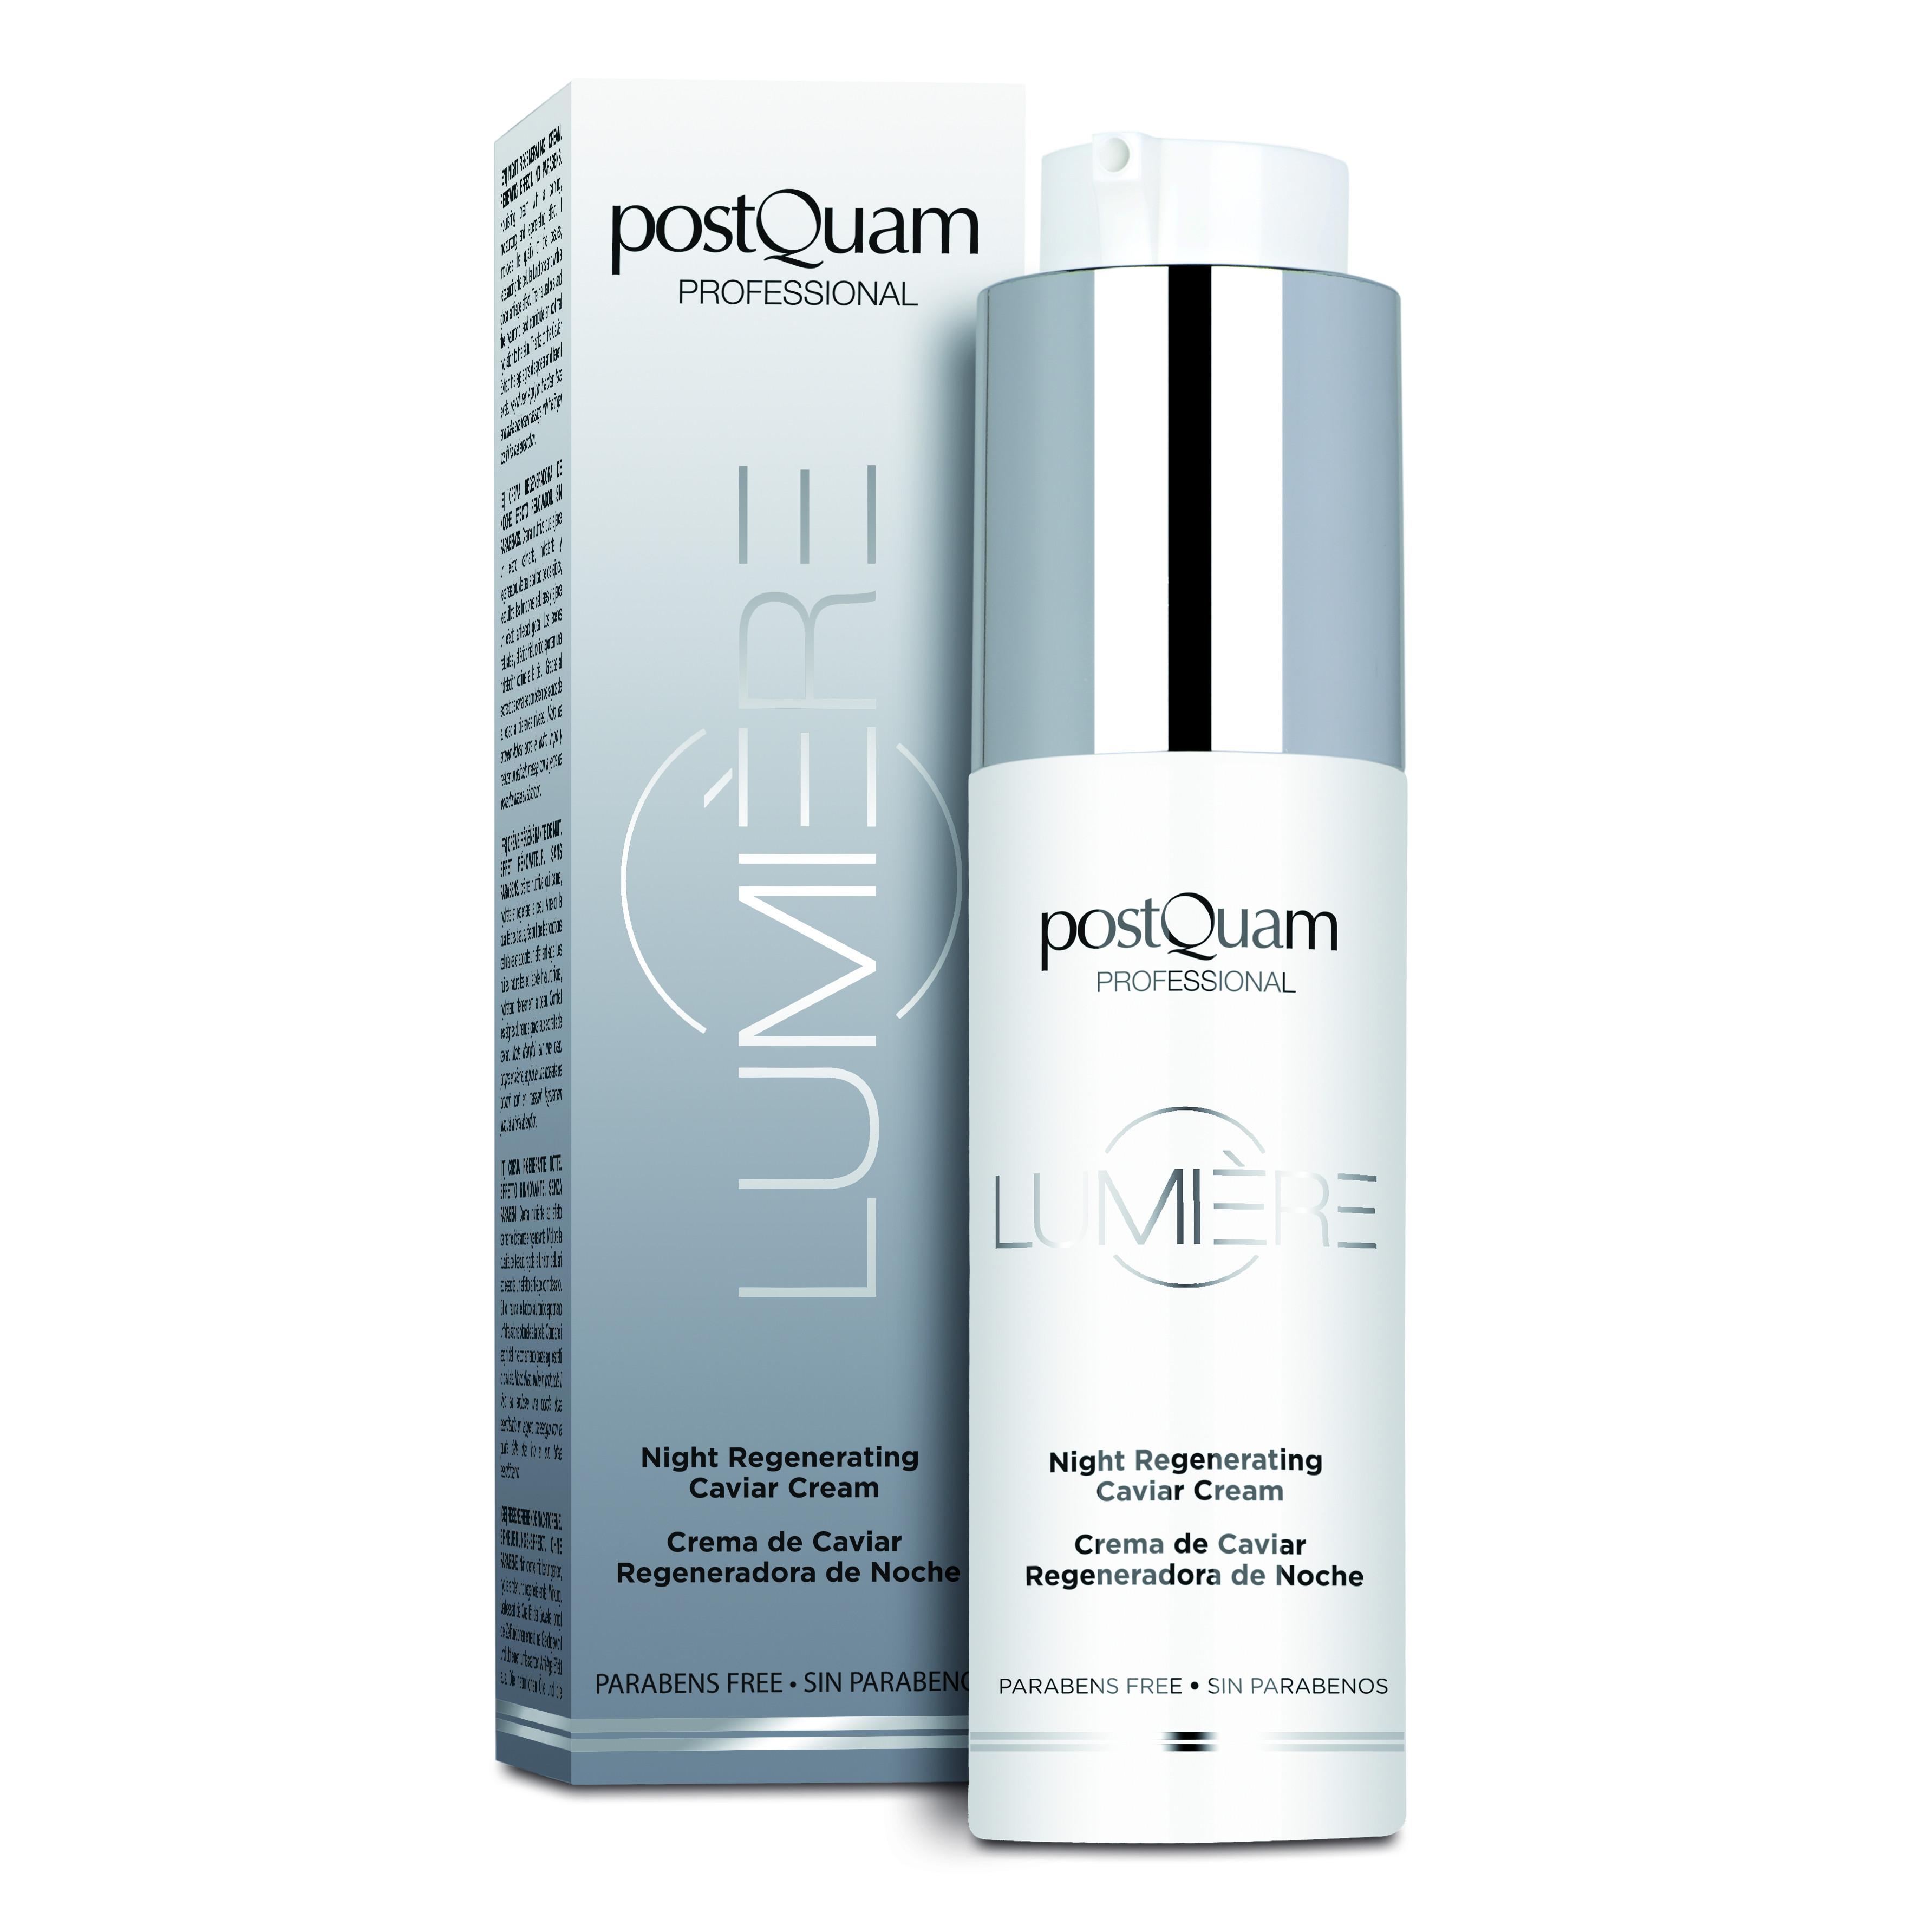 Kem Caviar giúp chống lão hóa & trẻ hóa da postQuam - 50ml